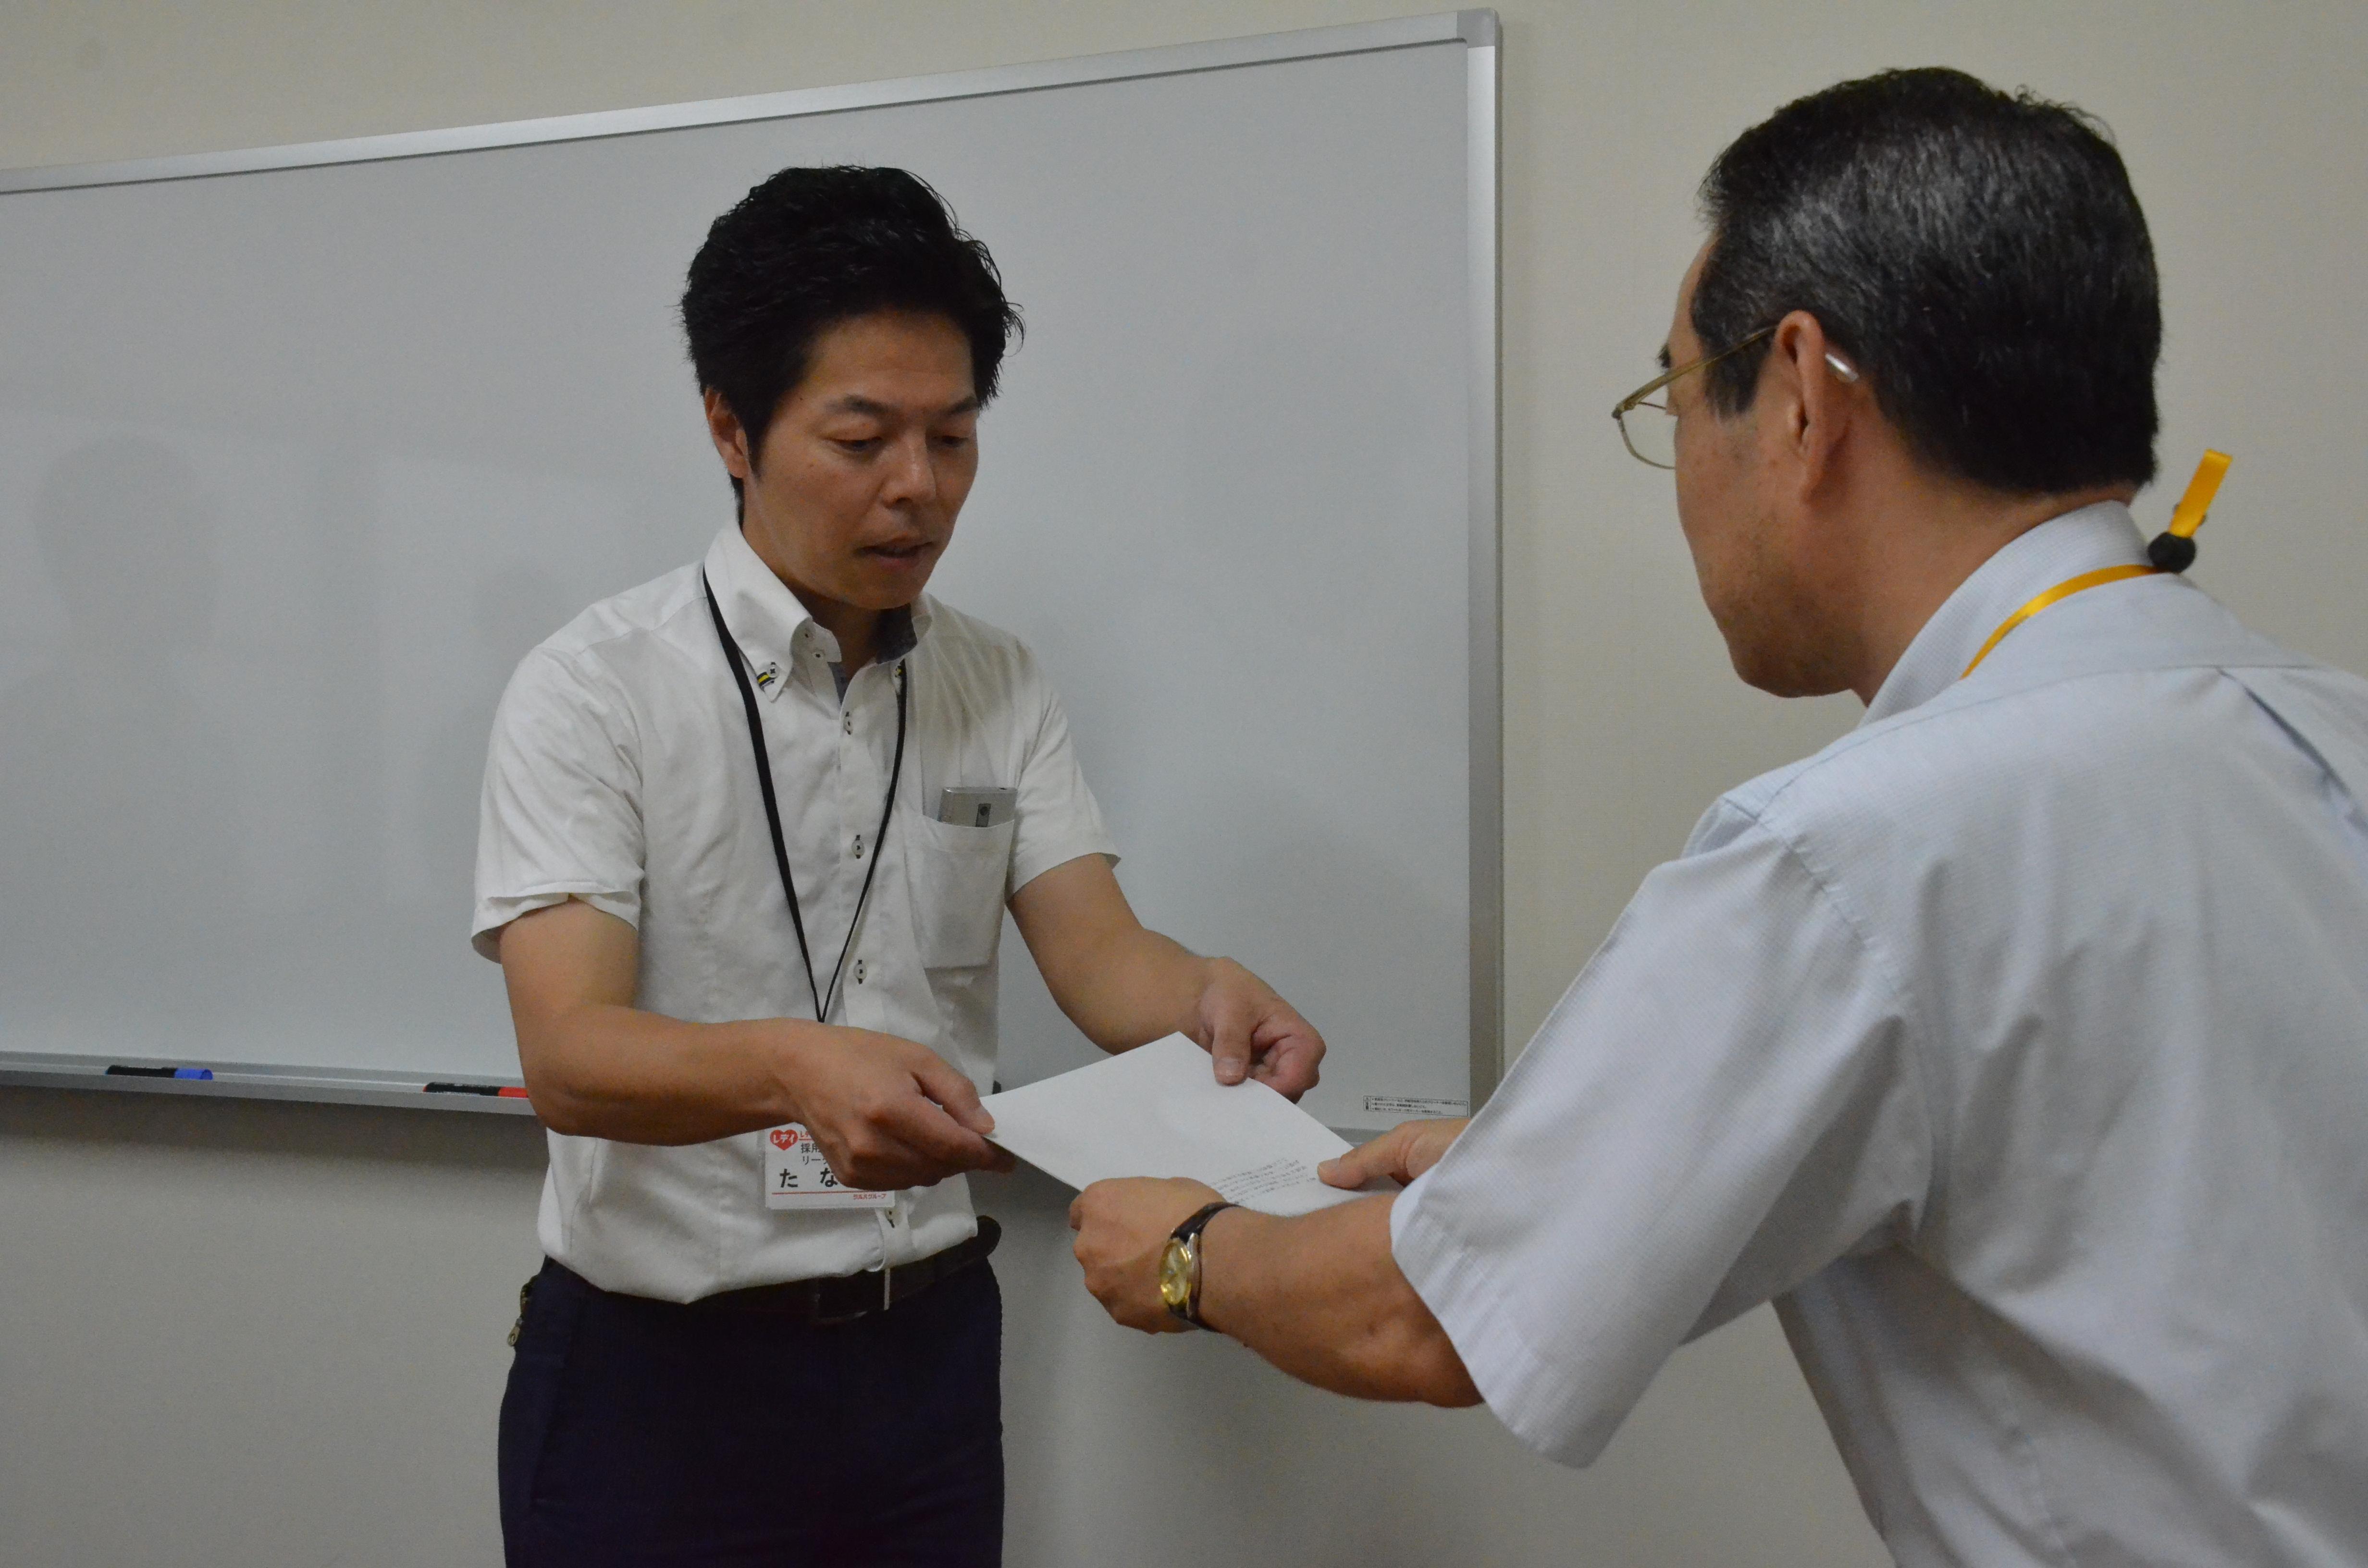 佃雅之教育学生支援部長からのお礼状交付の写真です